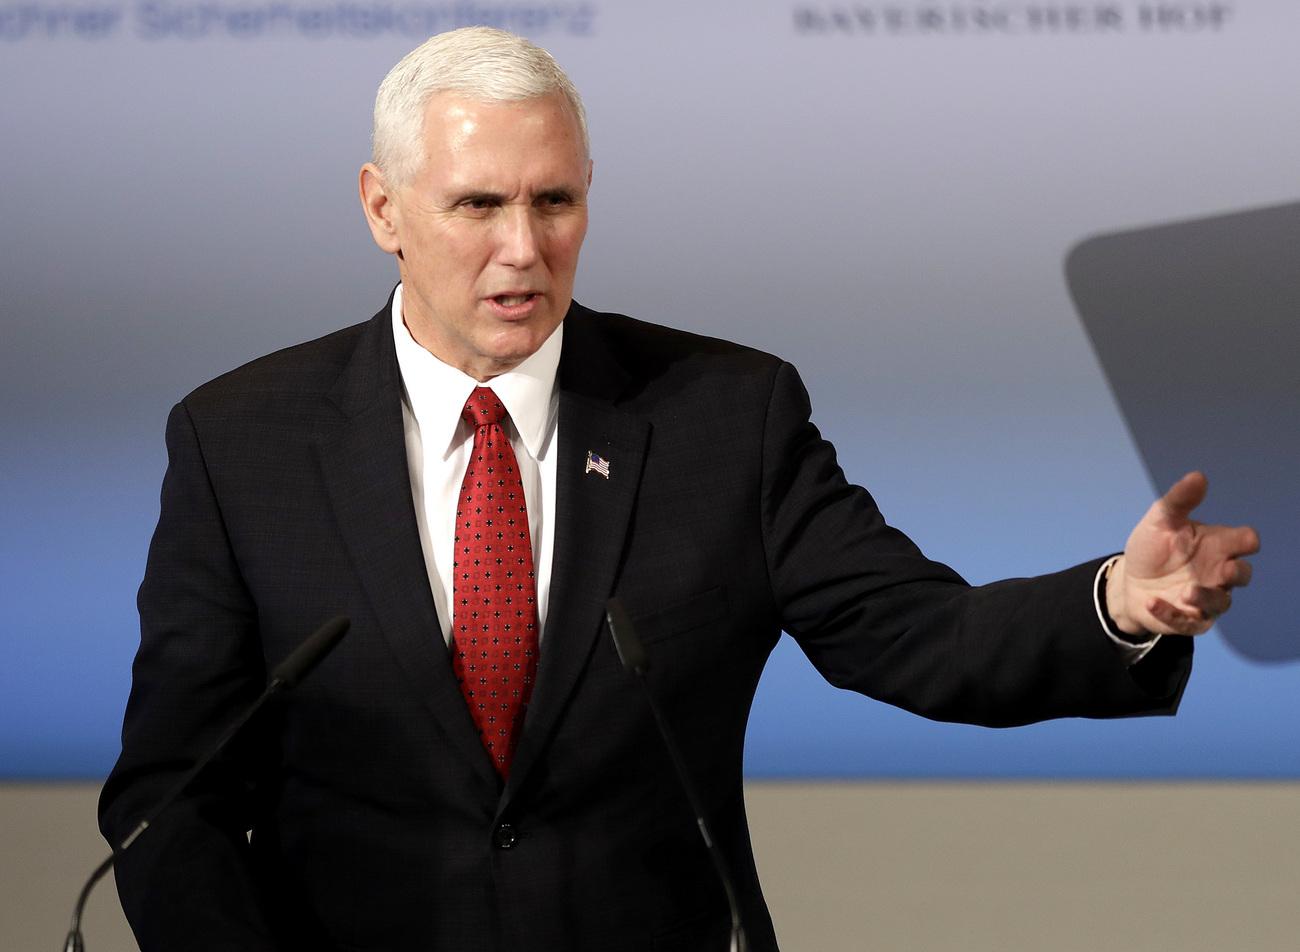 Mike Pence dément vouloir briguer la présidence américaine en 2020